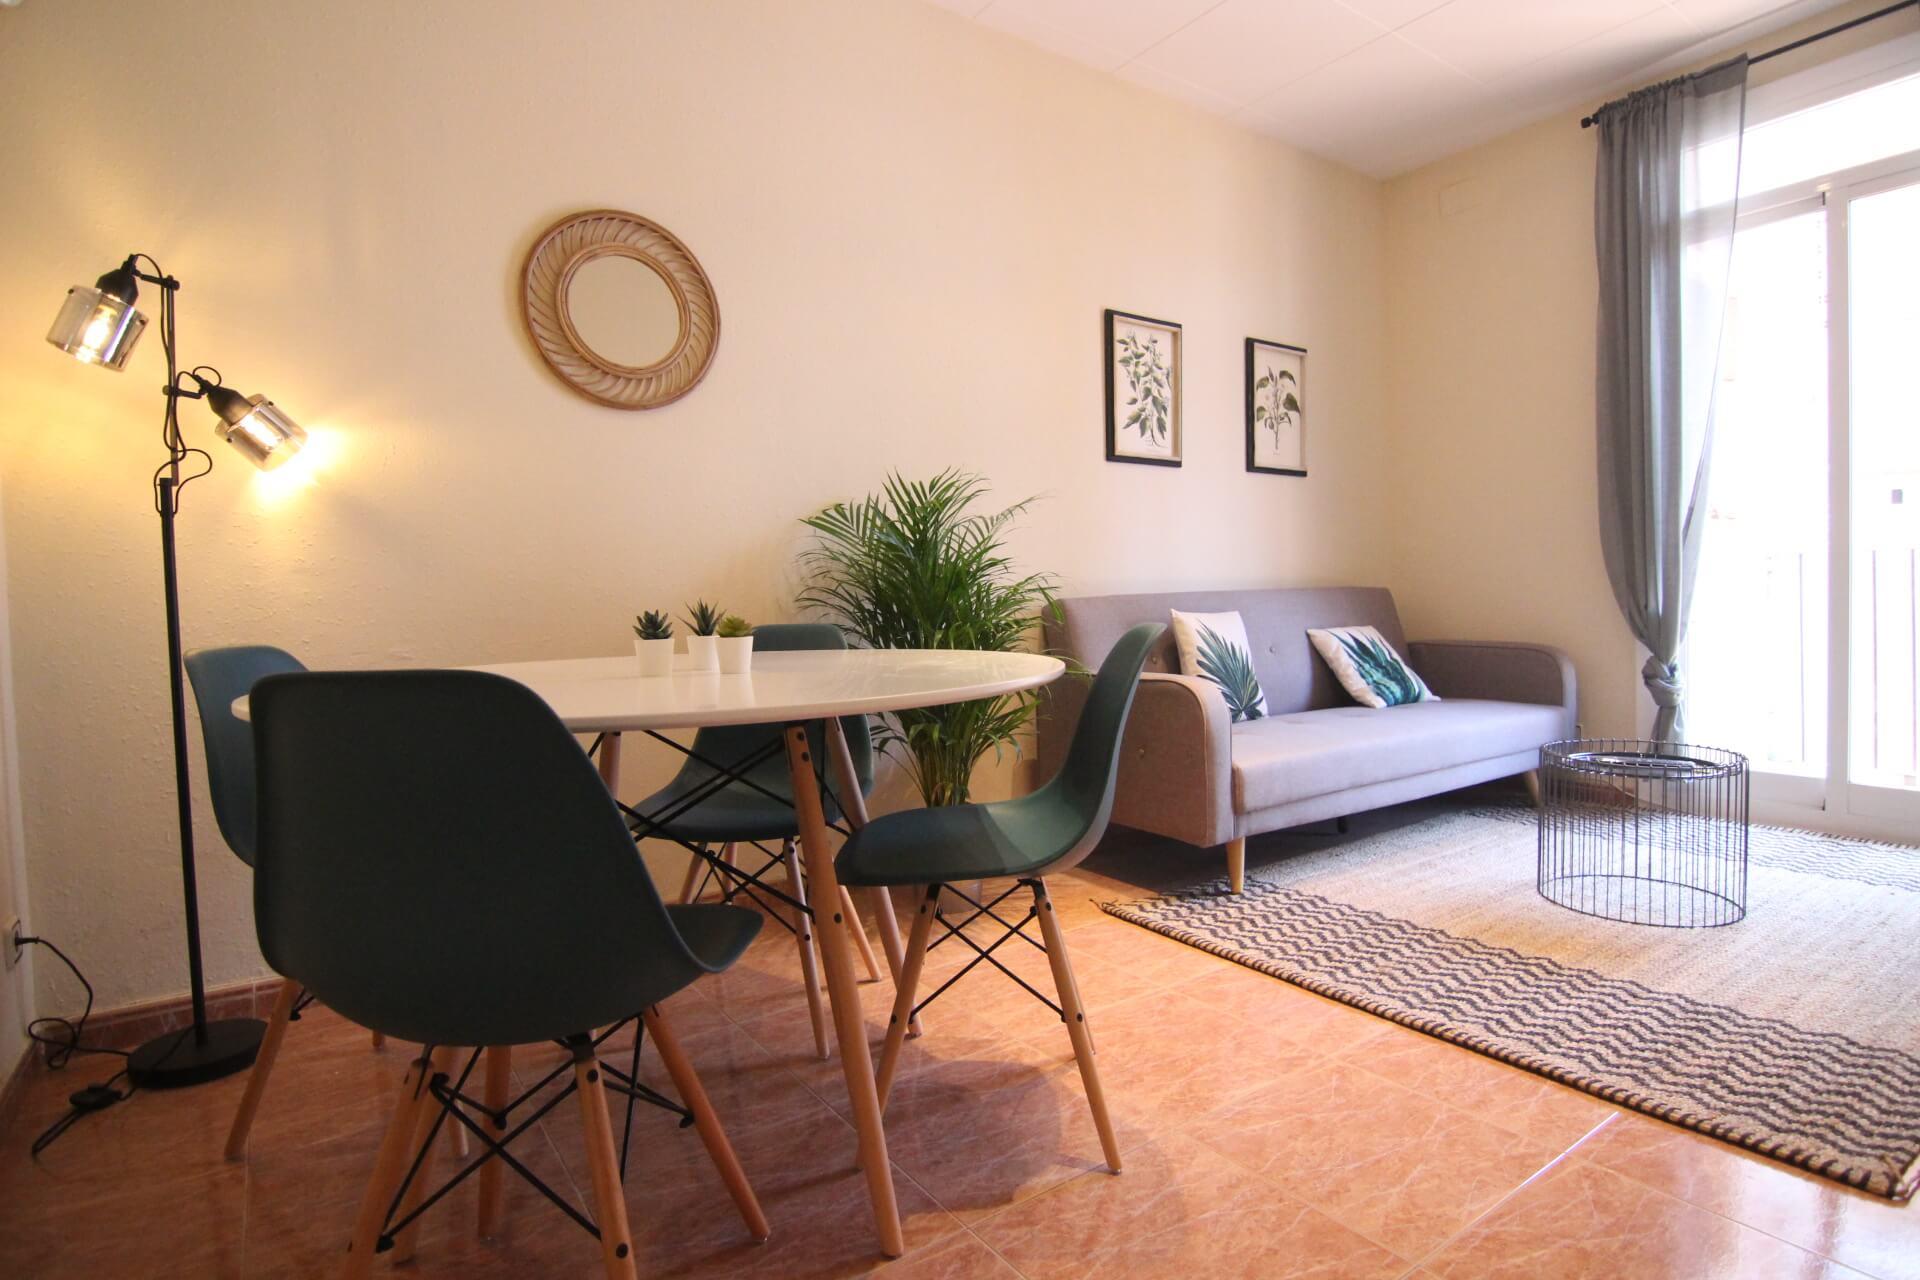 Marché Hostafrancs- Sants – calle Aliga 2 chambres